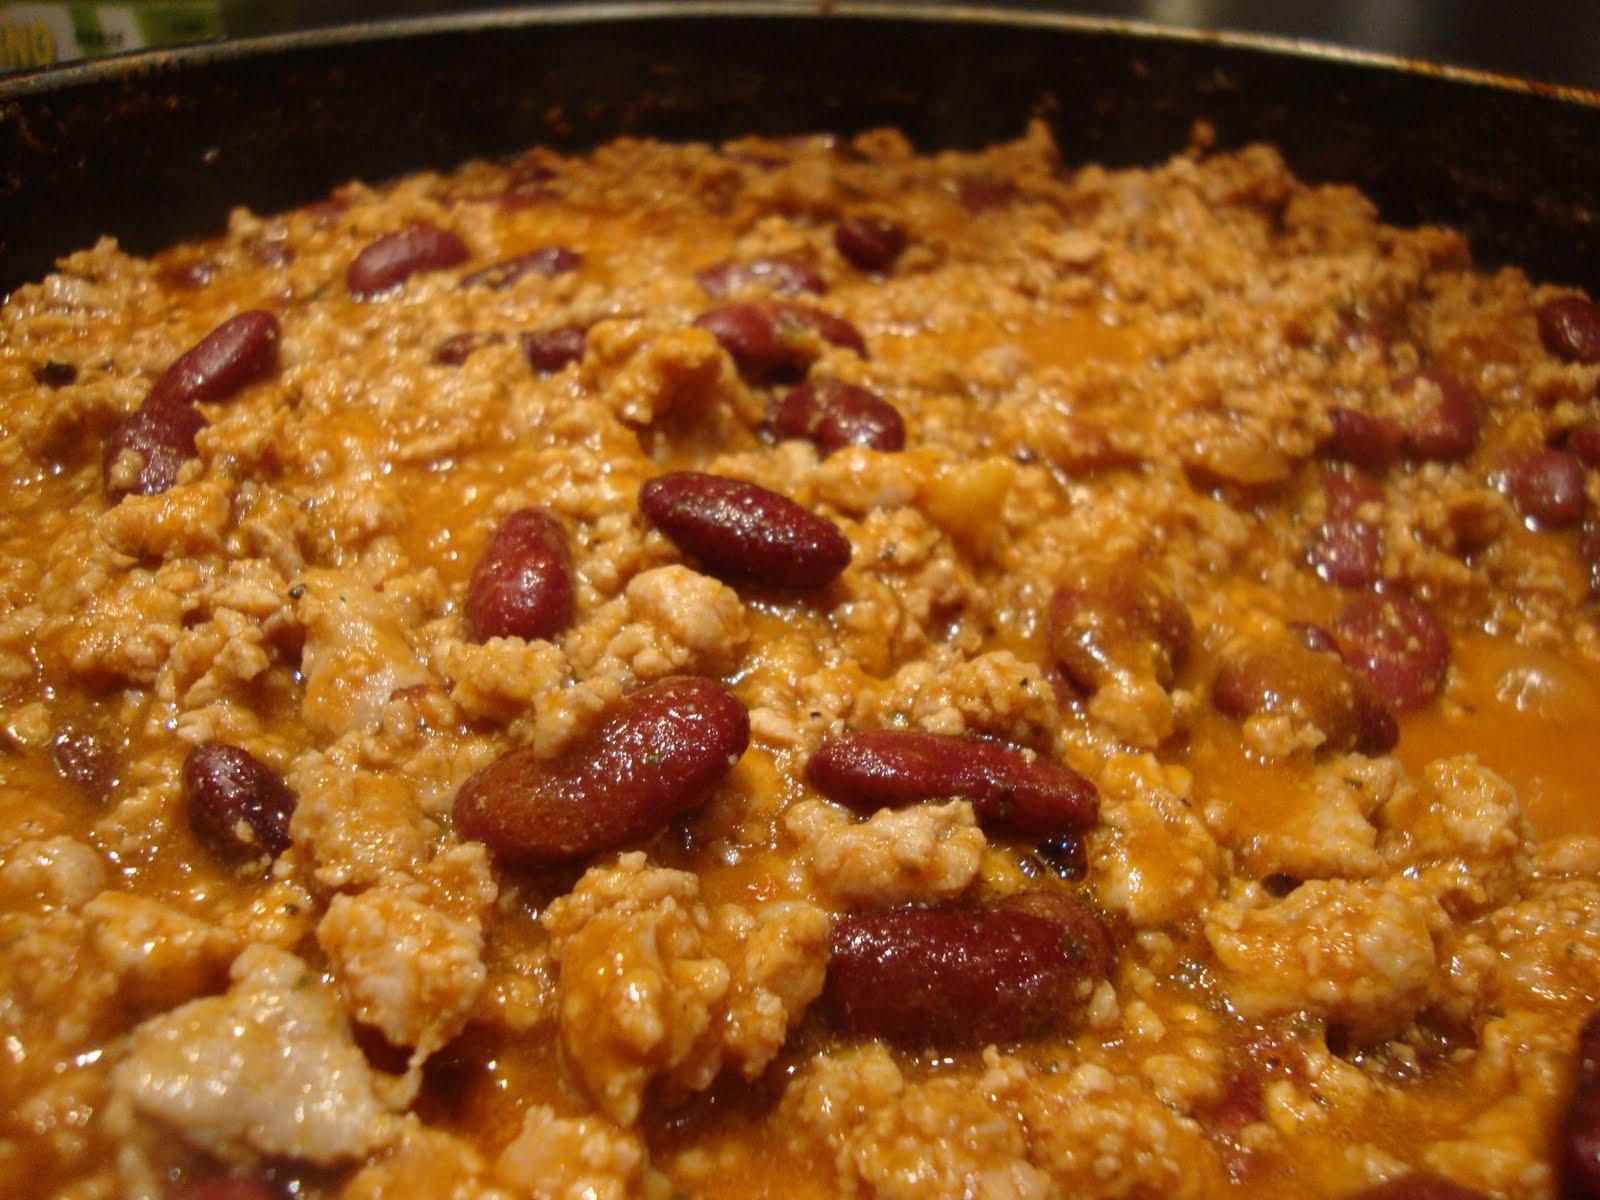 Chili Con Carne Per Il Contest Cucina Etnica Di Cocogianni Ricette E  #AE5202 1600 1200 Cucina Etnica Per Bambini